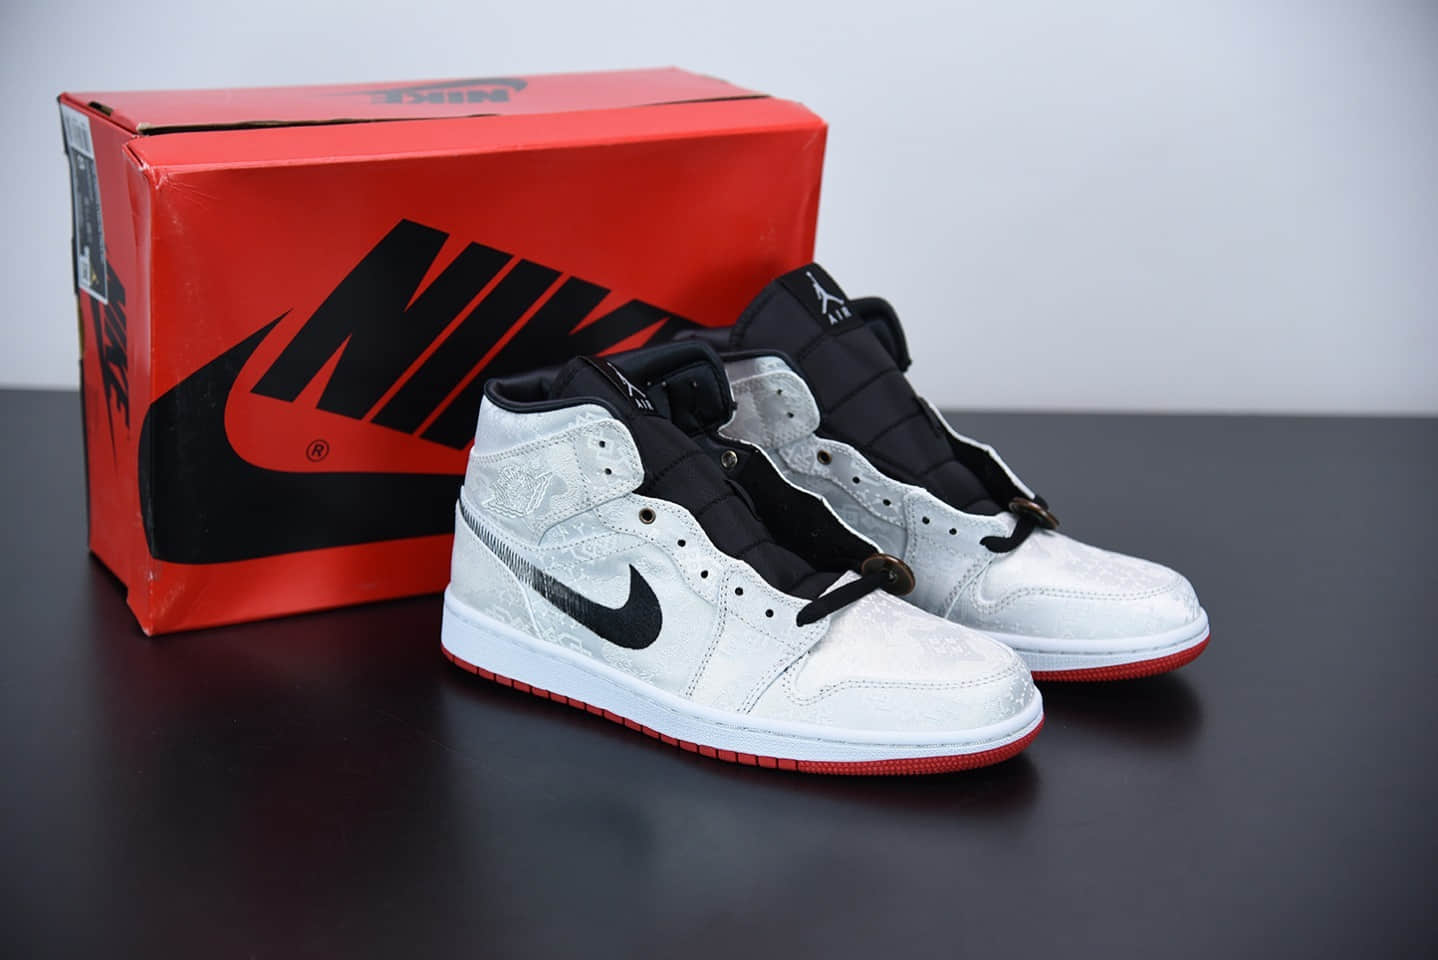 乔丹Edison Chen x Air Jordan1 Mid 陈冠希联名款白丝绸中帮篮球鞋纯原版本 货号:CU2804-100